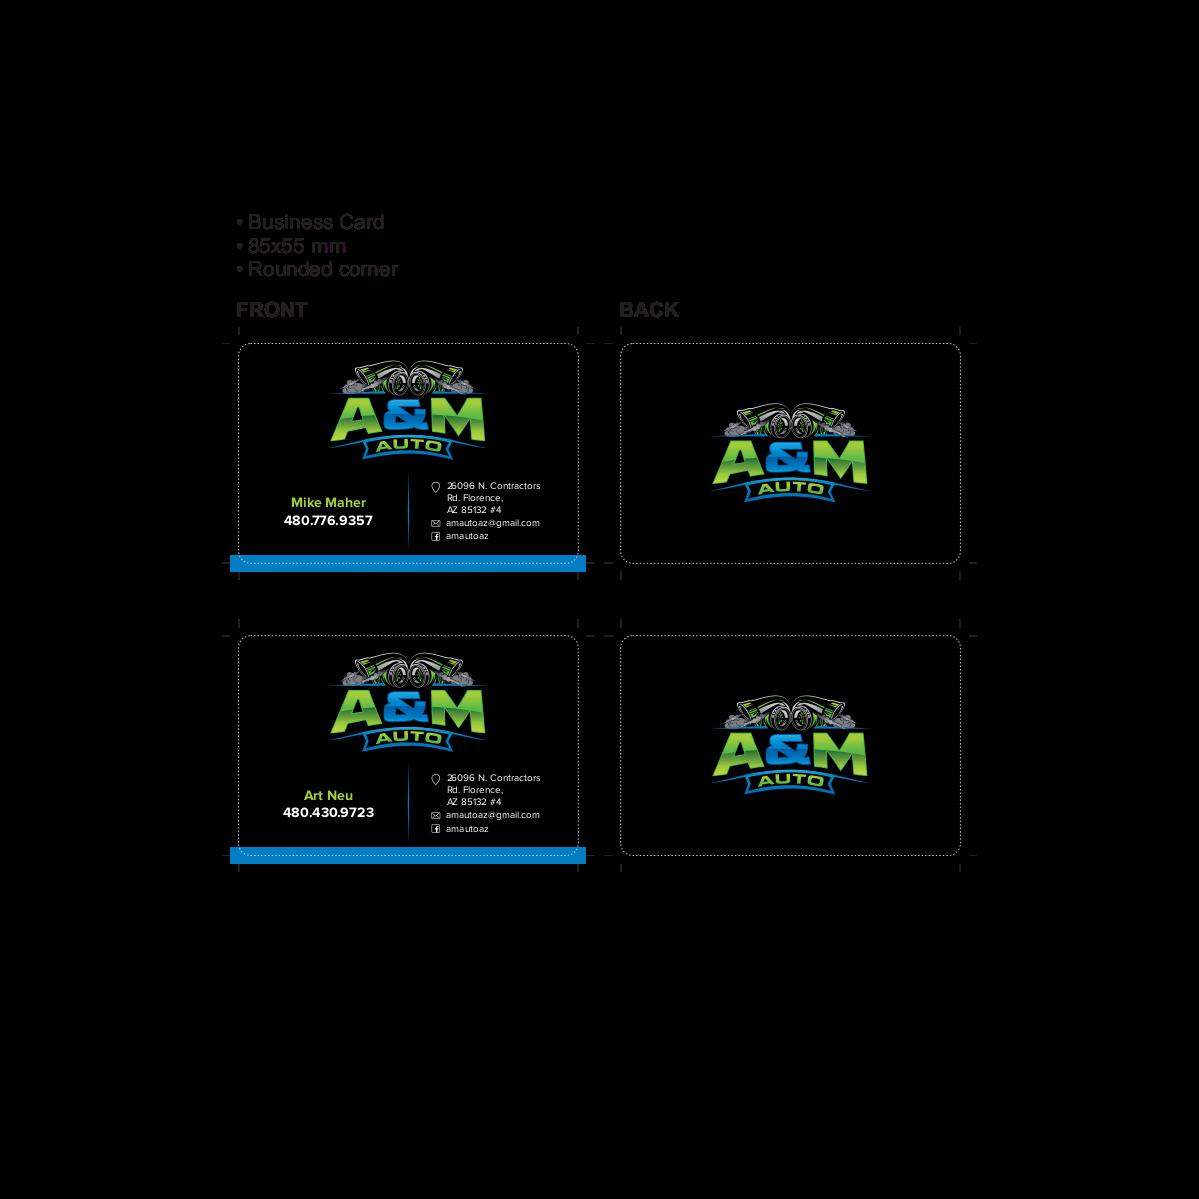 Logo/branding kit